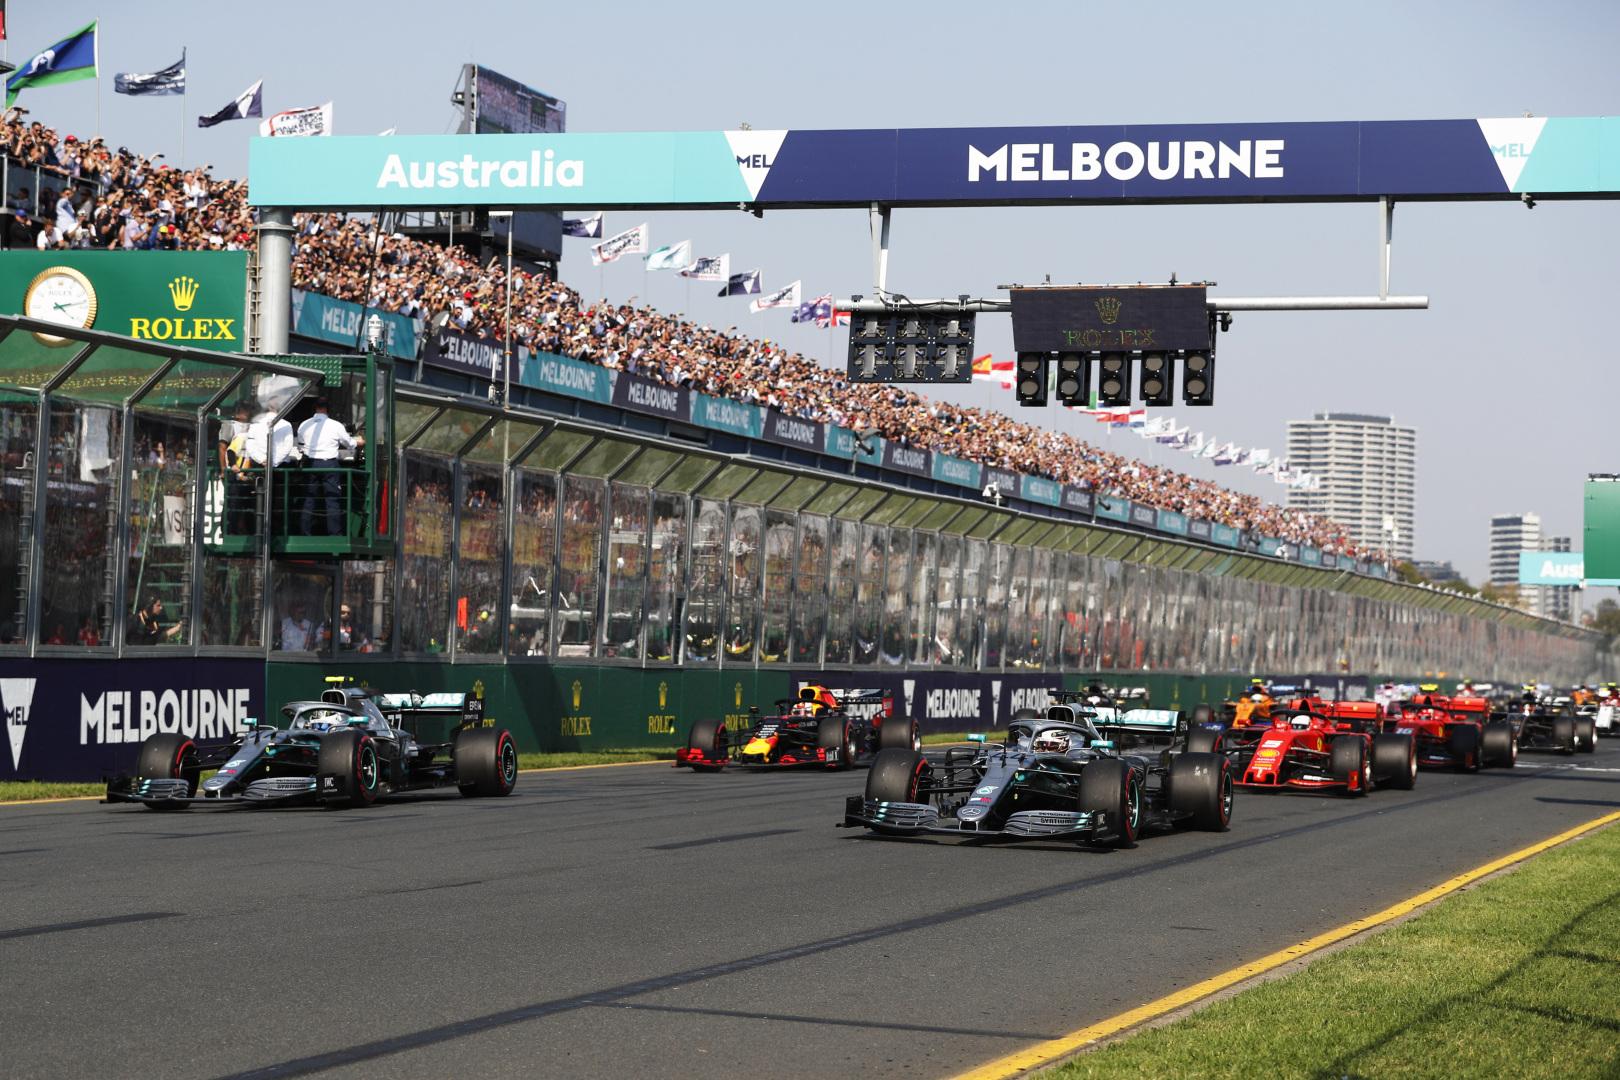 L. Hamiltonas ir S. Vettelis nenori, kad būtų pakeista Melburno trasos danga